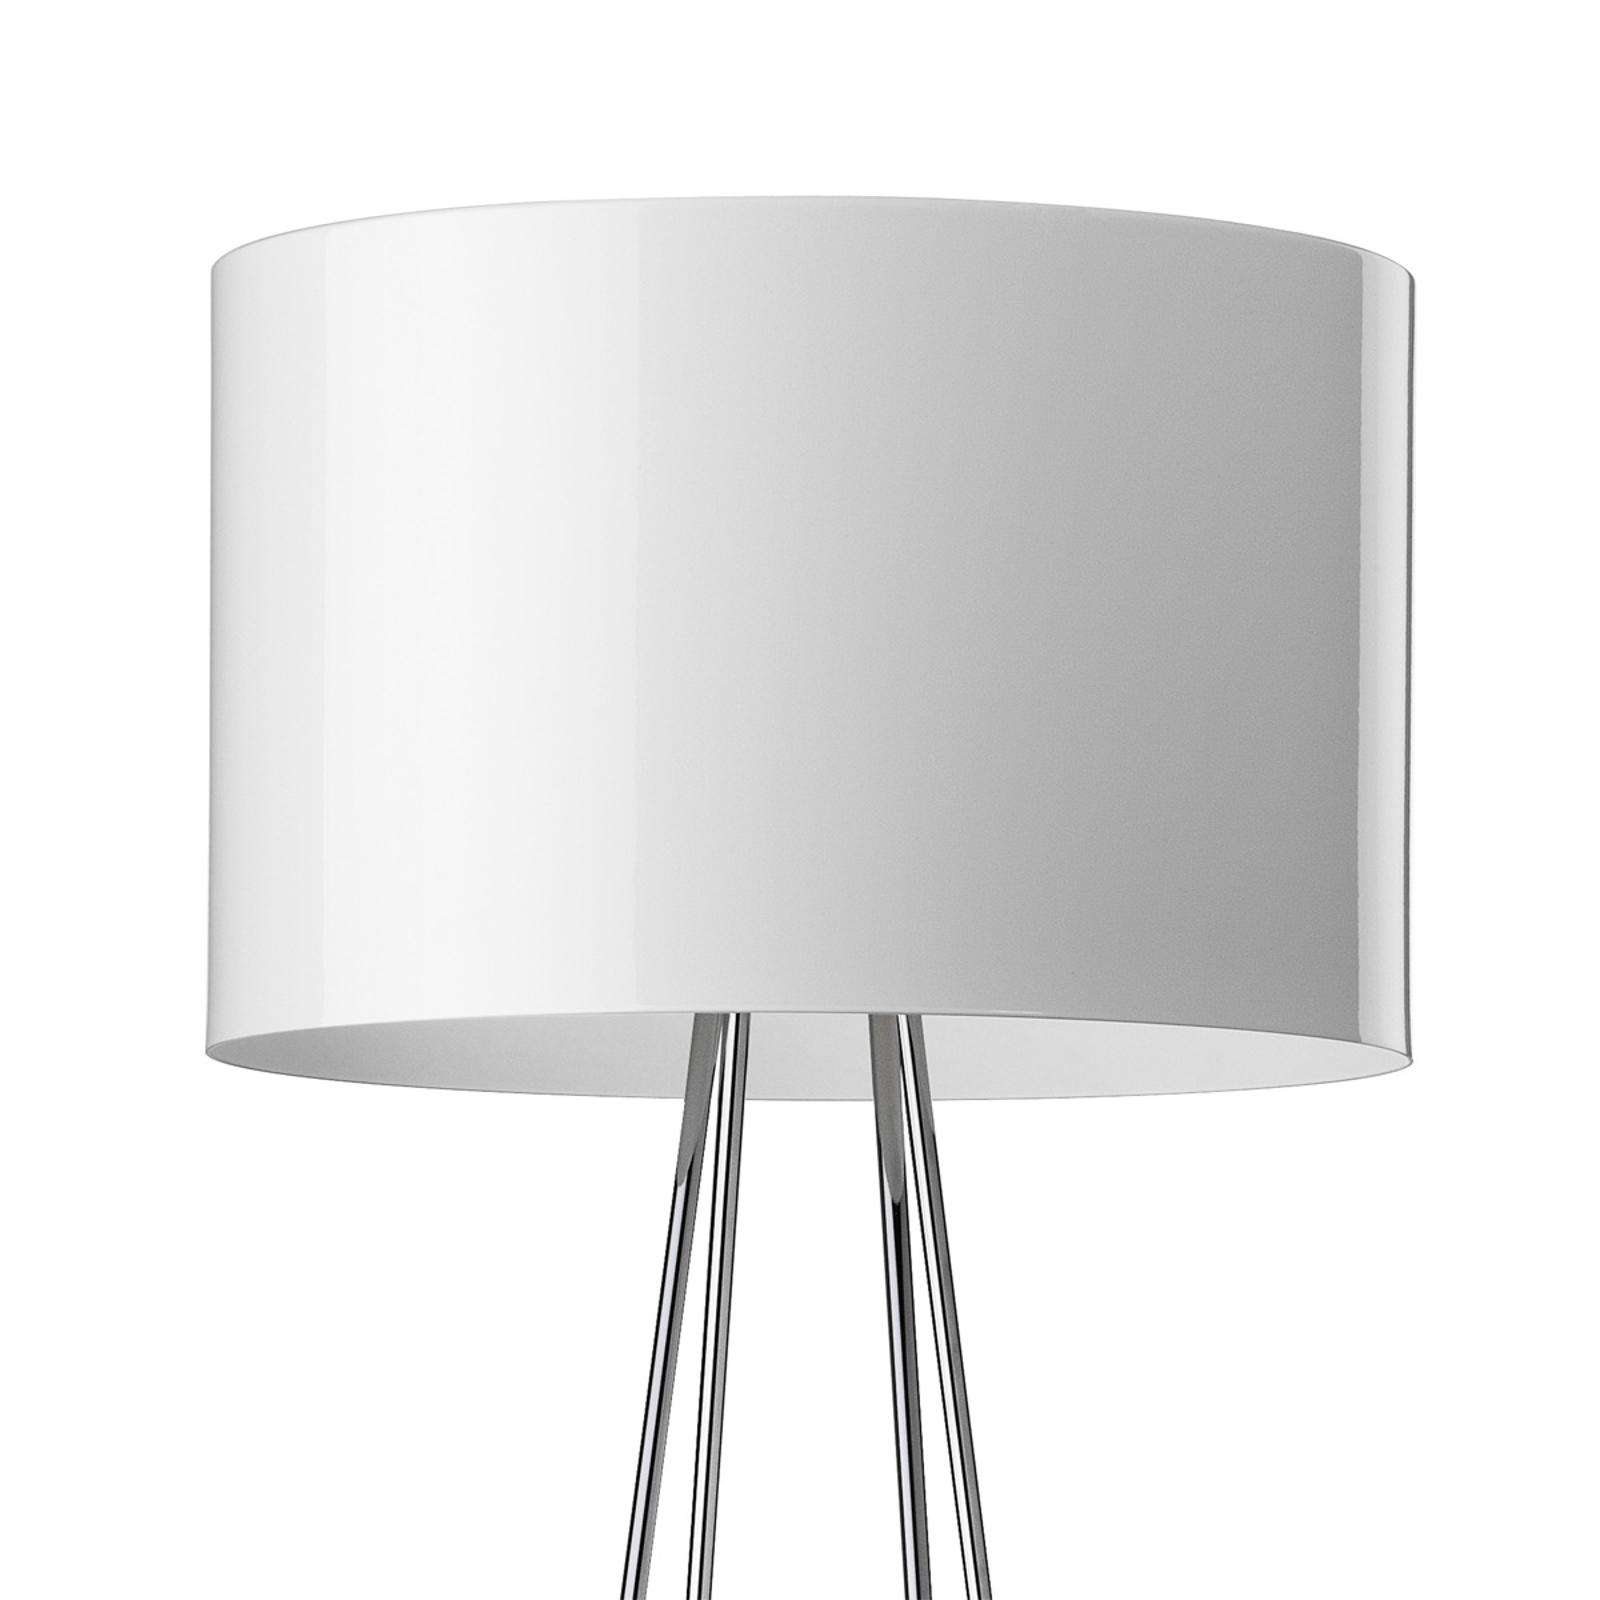 RAY F2 - golvlampa med vit skärm